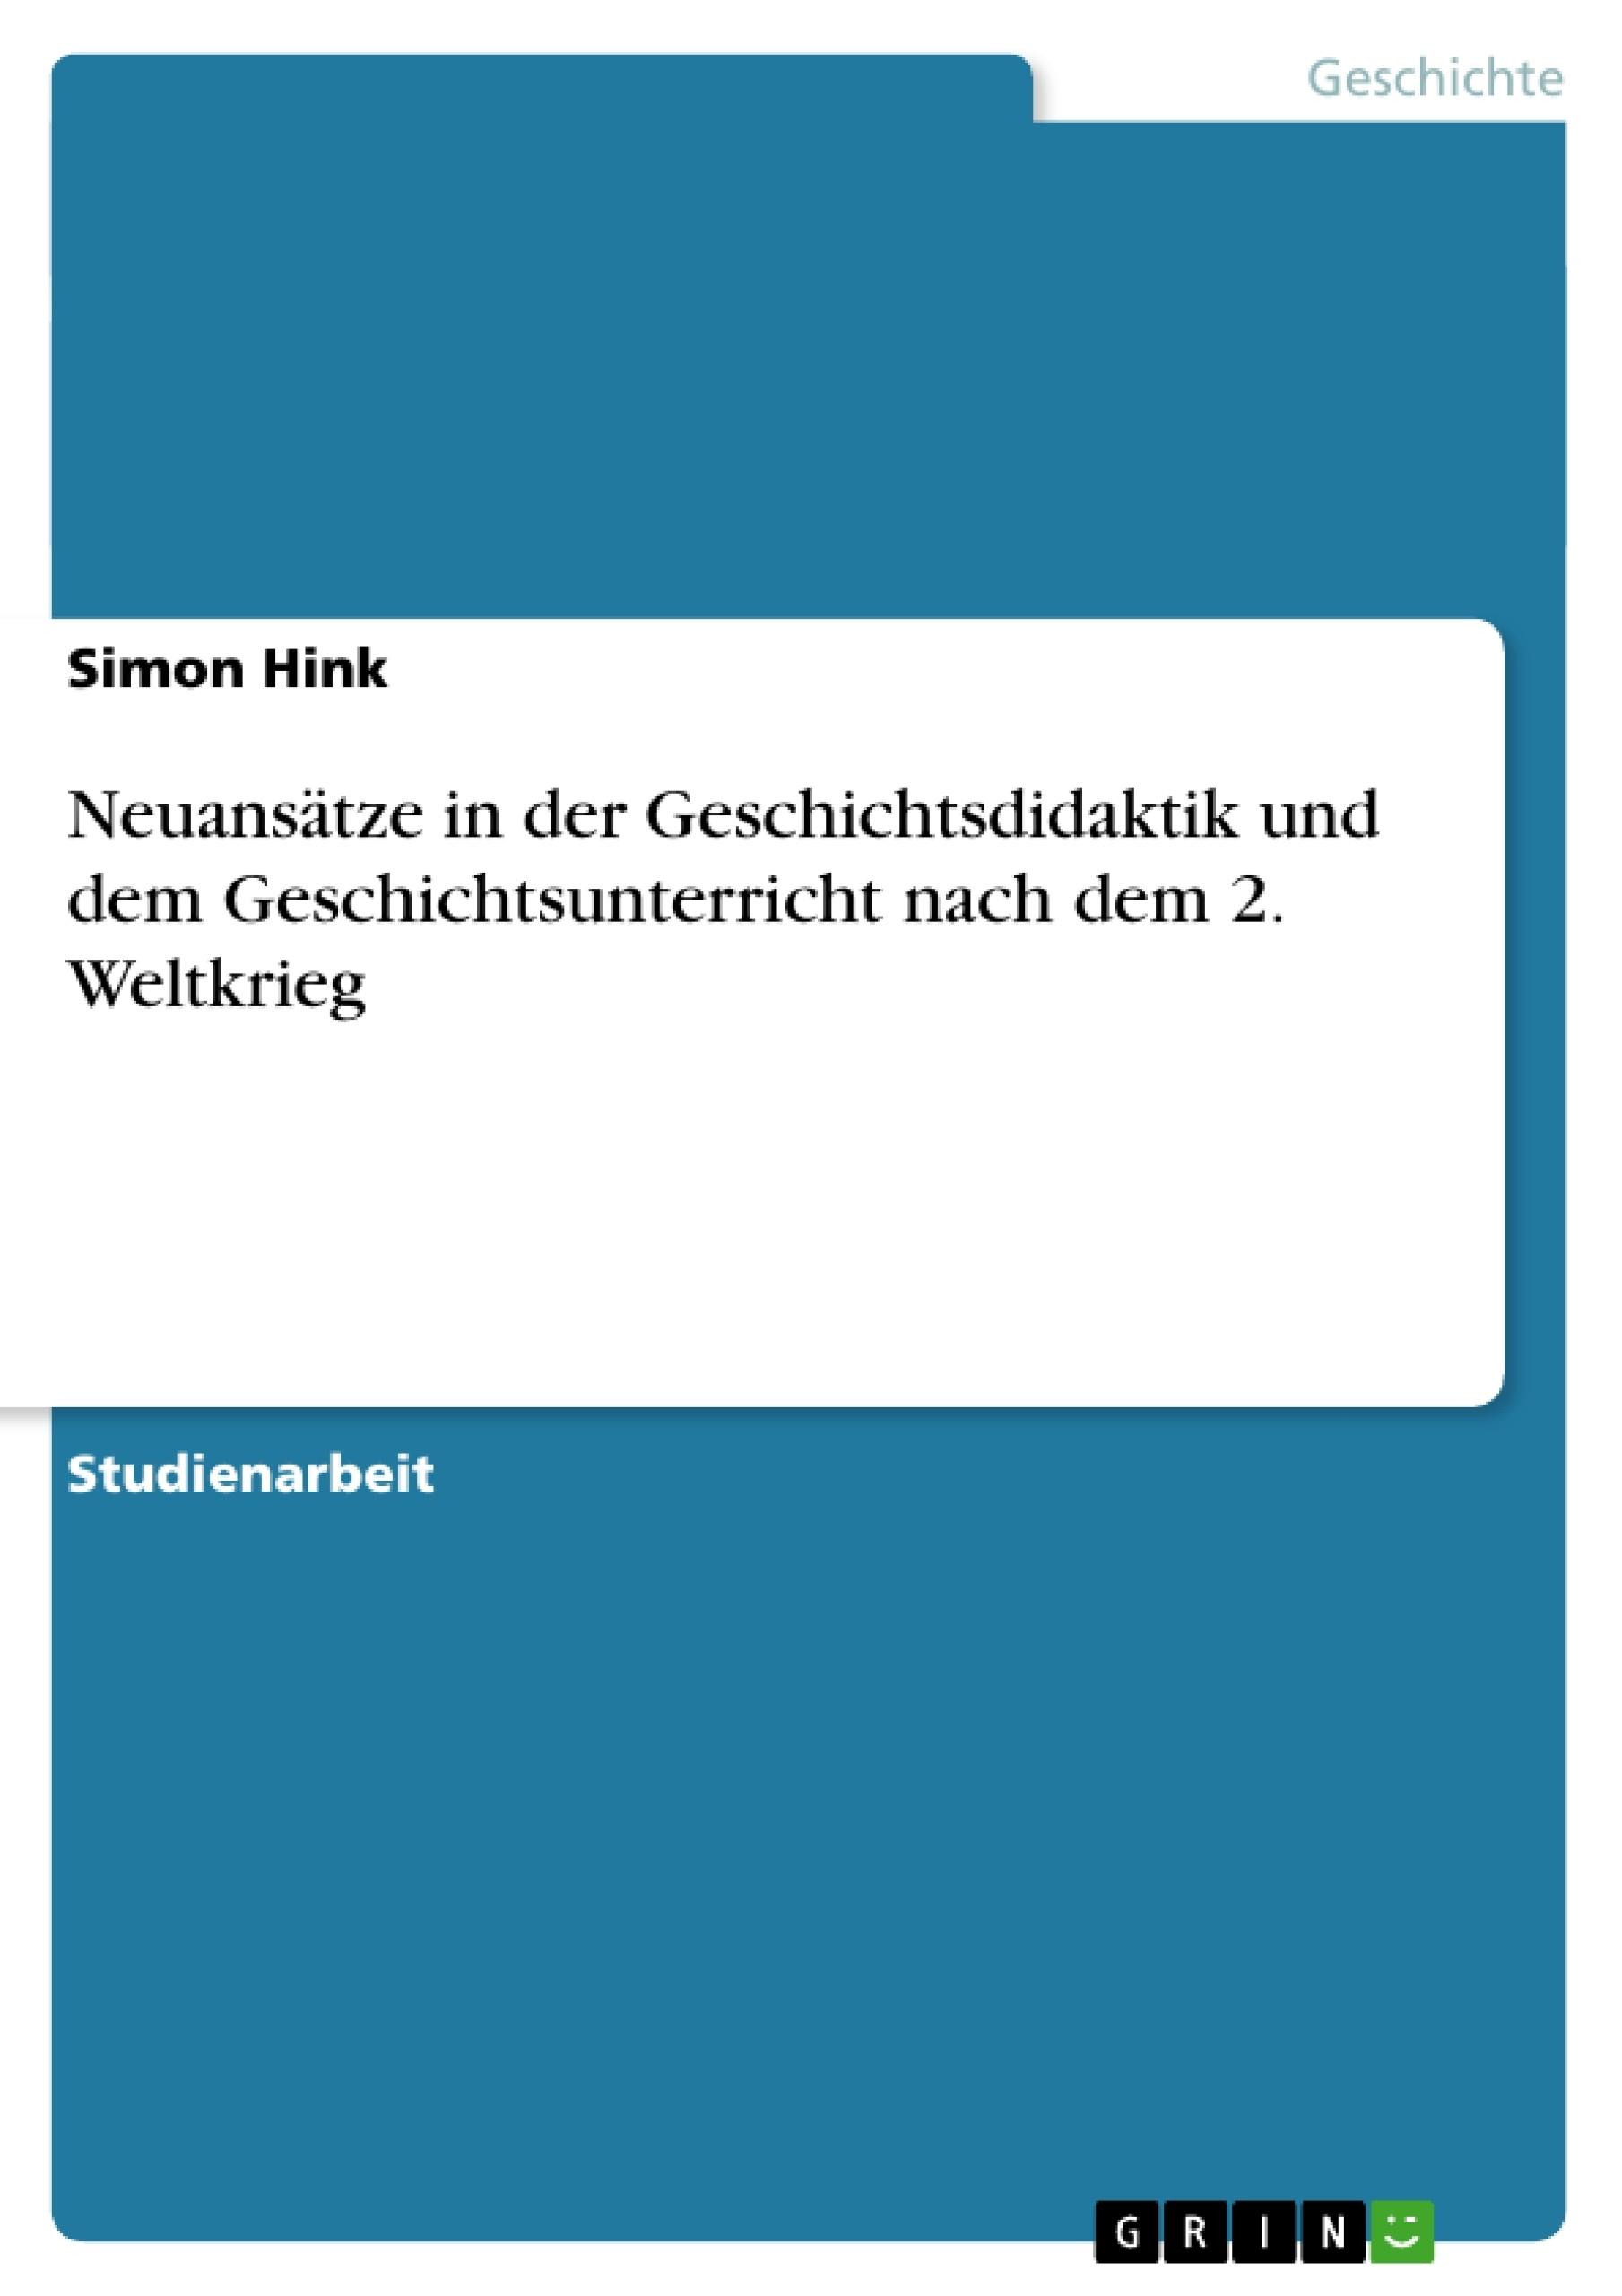 Titel: Neuansätze in der Geschichtsdidaktik und dem Geschichtsunterricht nach dem 2. Weltkrieg